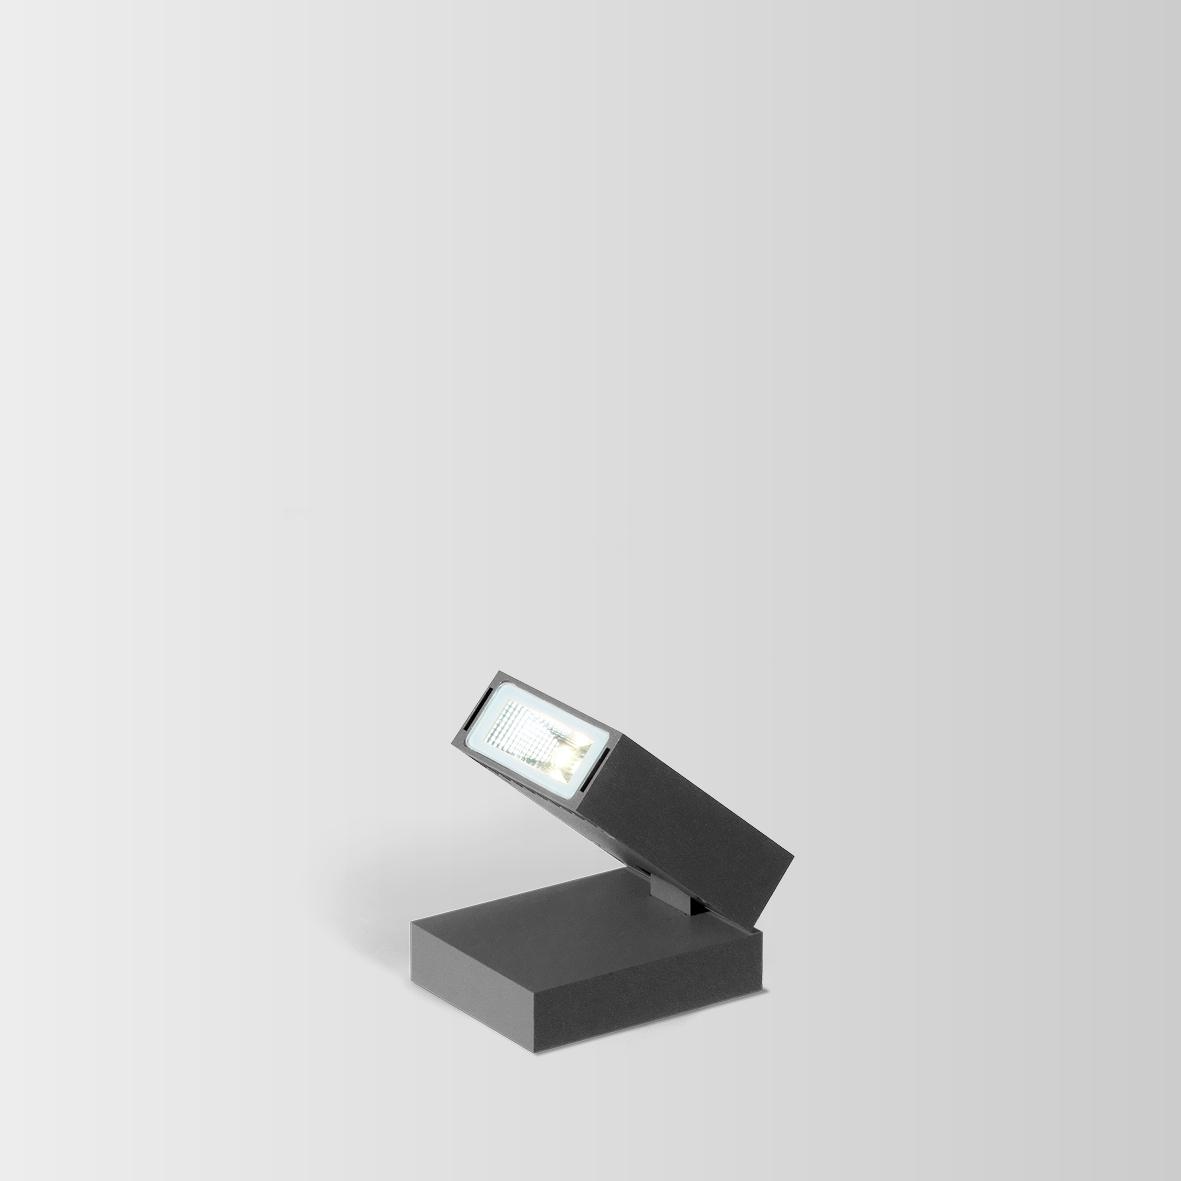 STAKE FOLD 1.0 LED 3000K DIM TUMEHALL 8W 80CRI 220-240VAC, kohtvalgusti aeda/terrassile